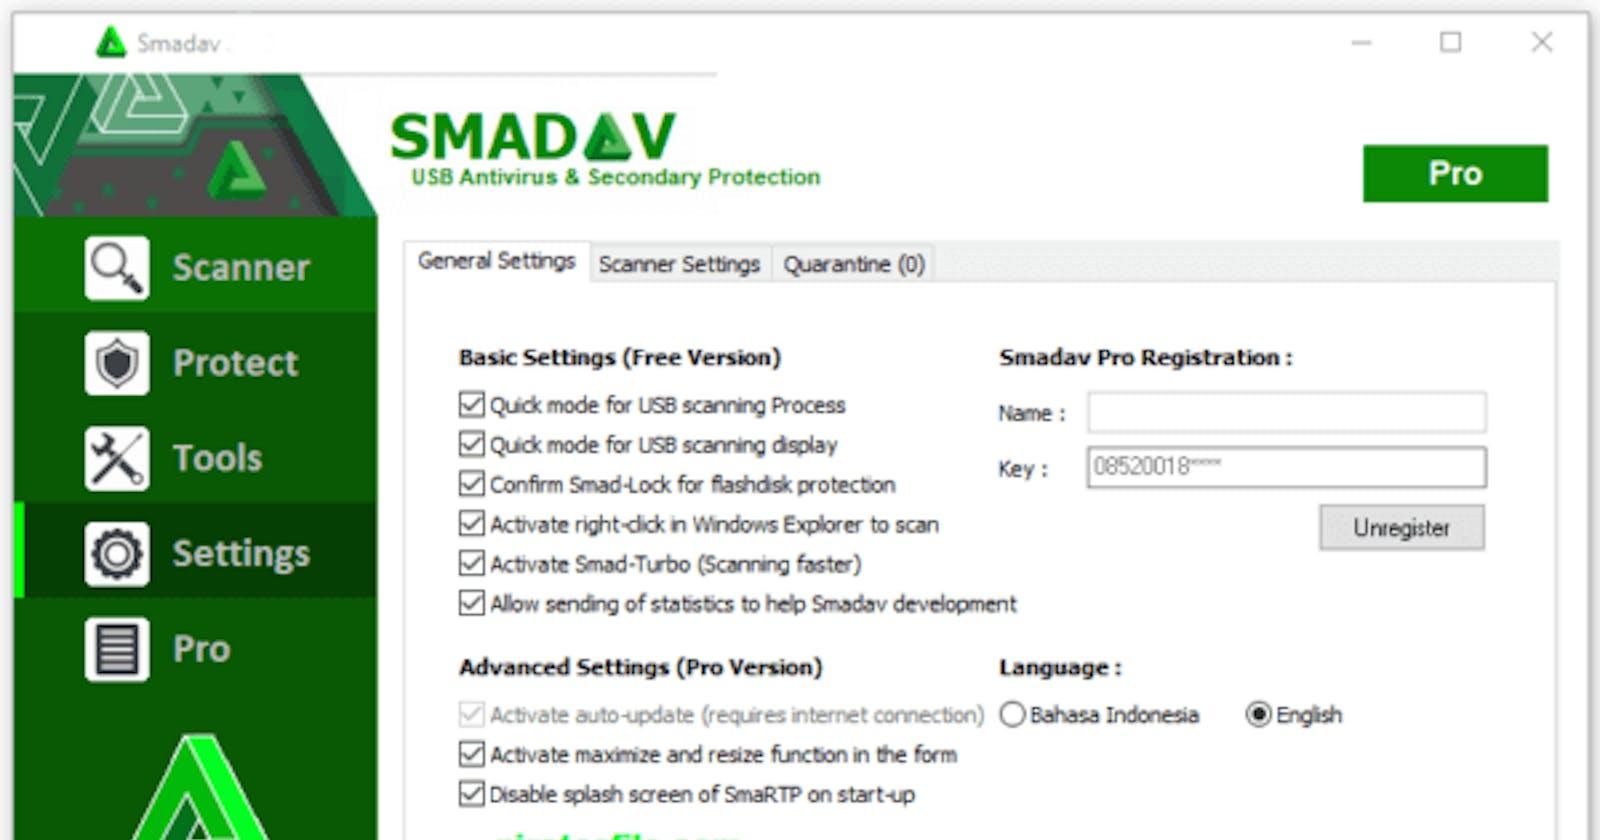 SmadAV Pro 2021 Anti Virus with Free Lifetime Serial Key